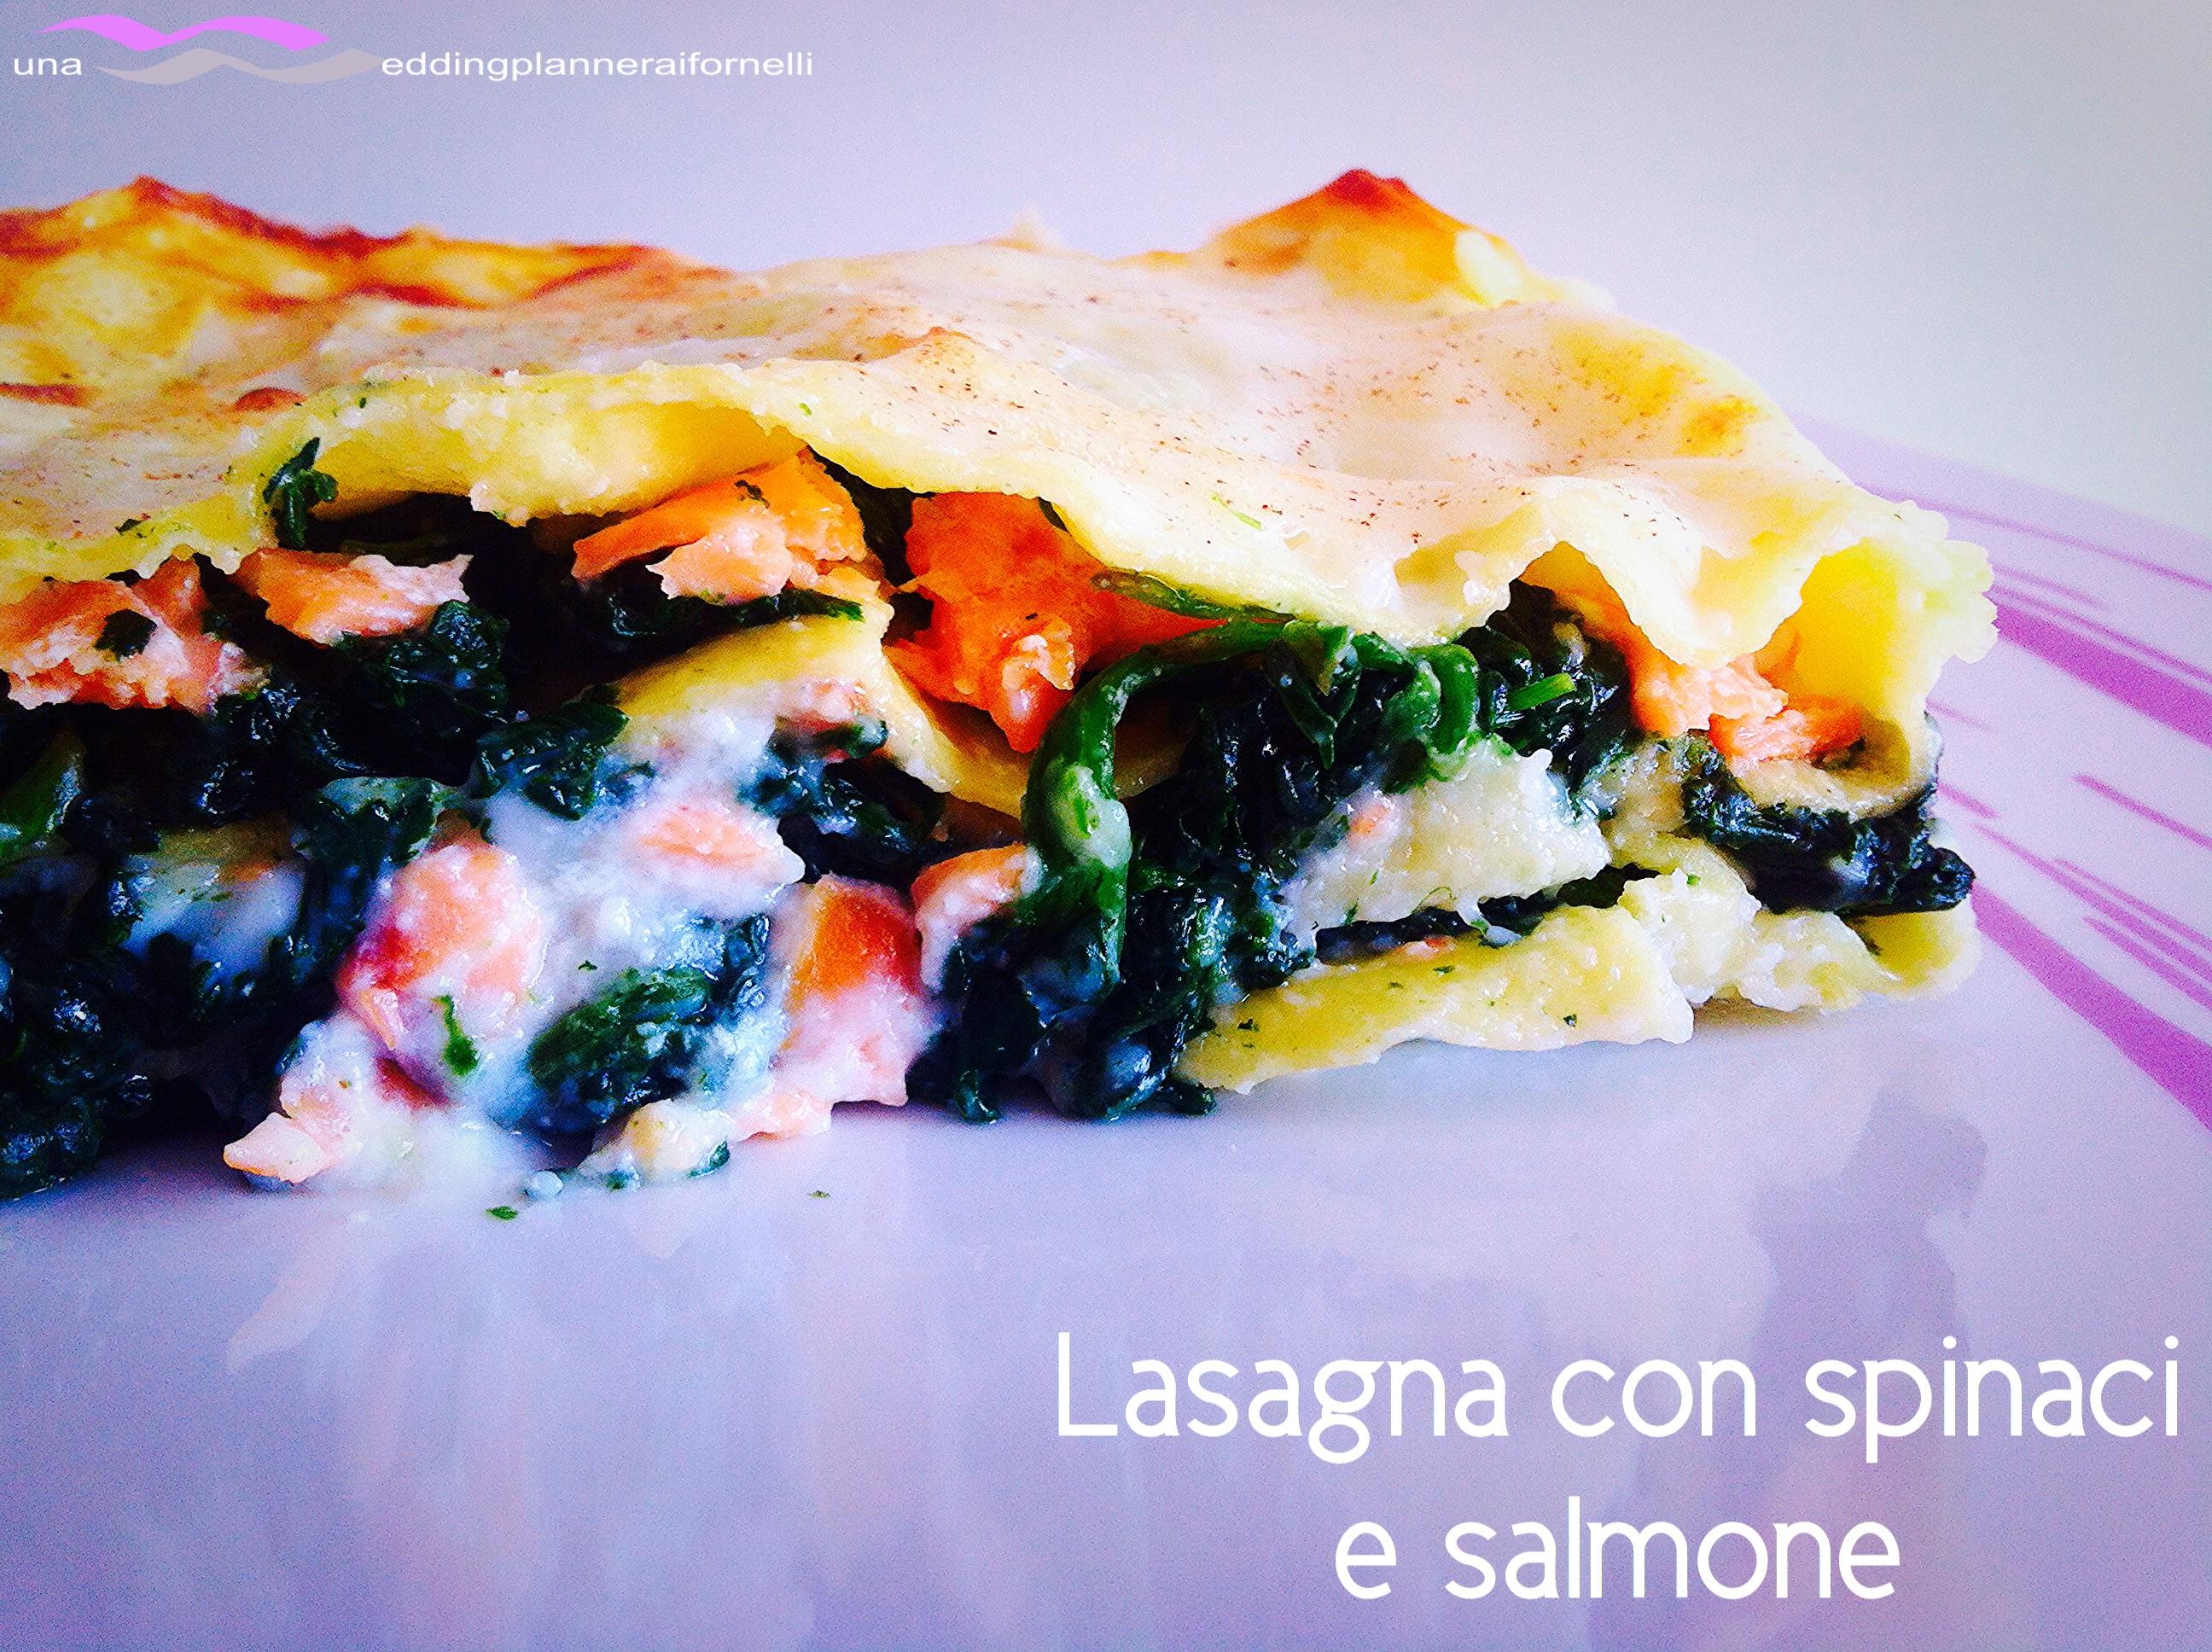 Lasagna spinaci e salmone